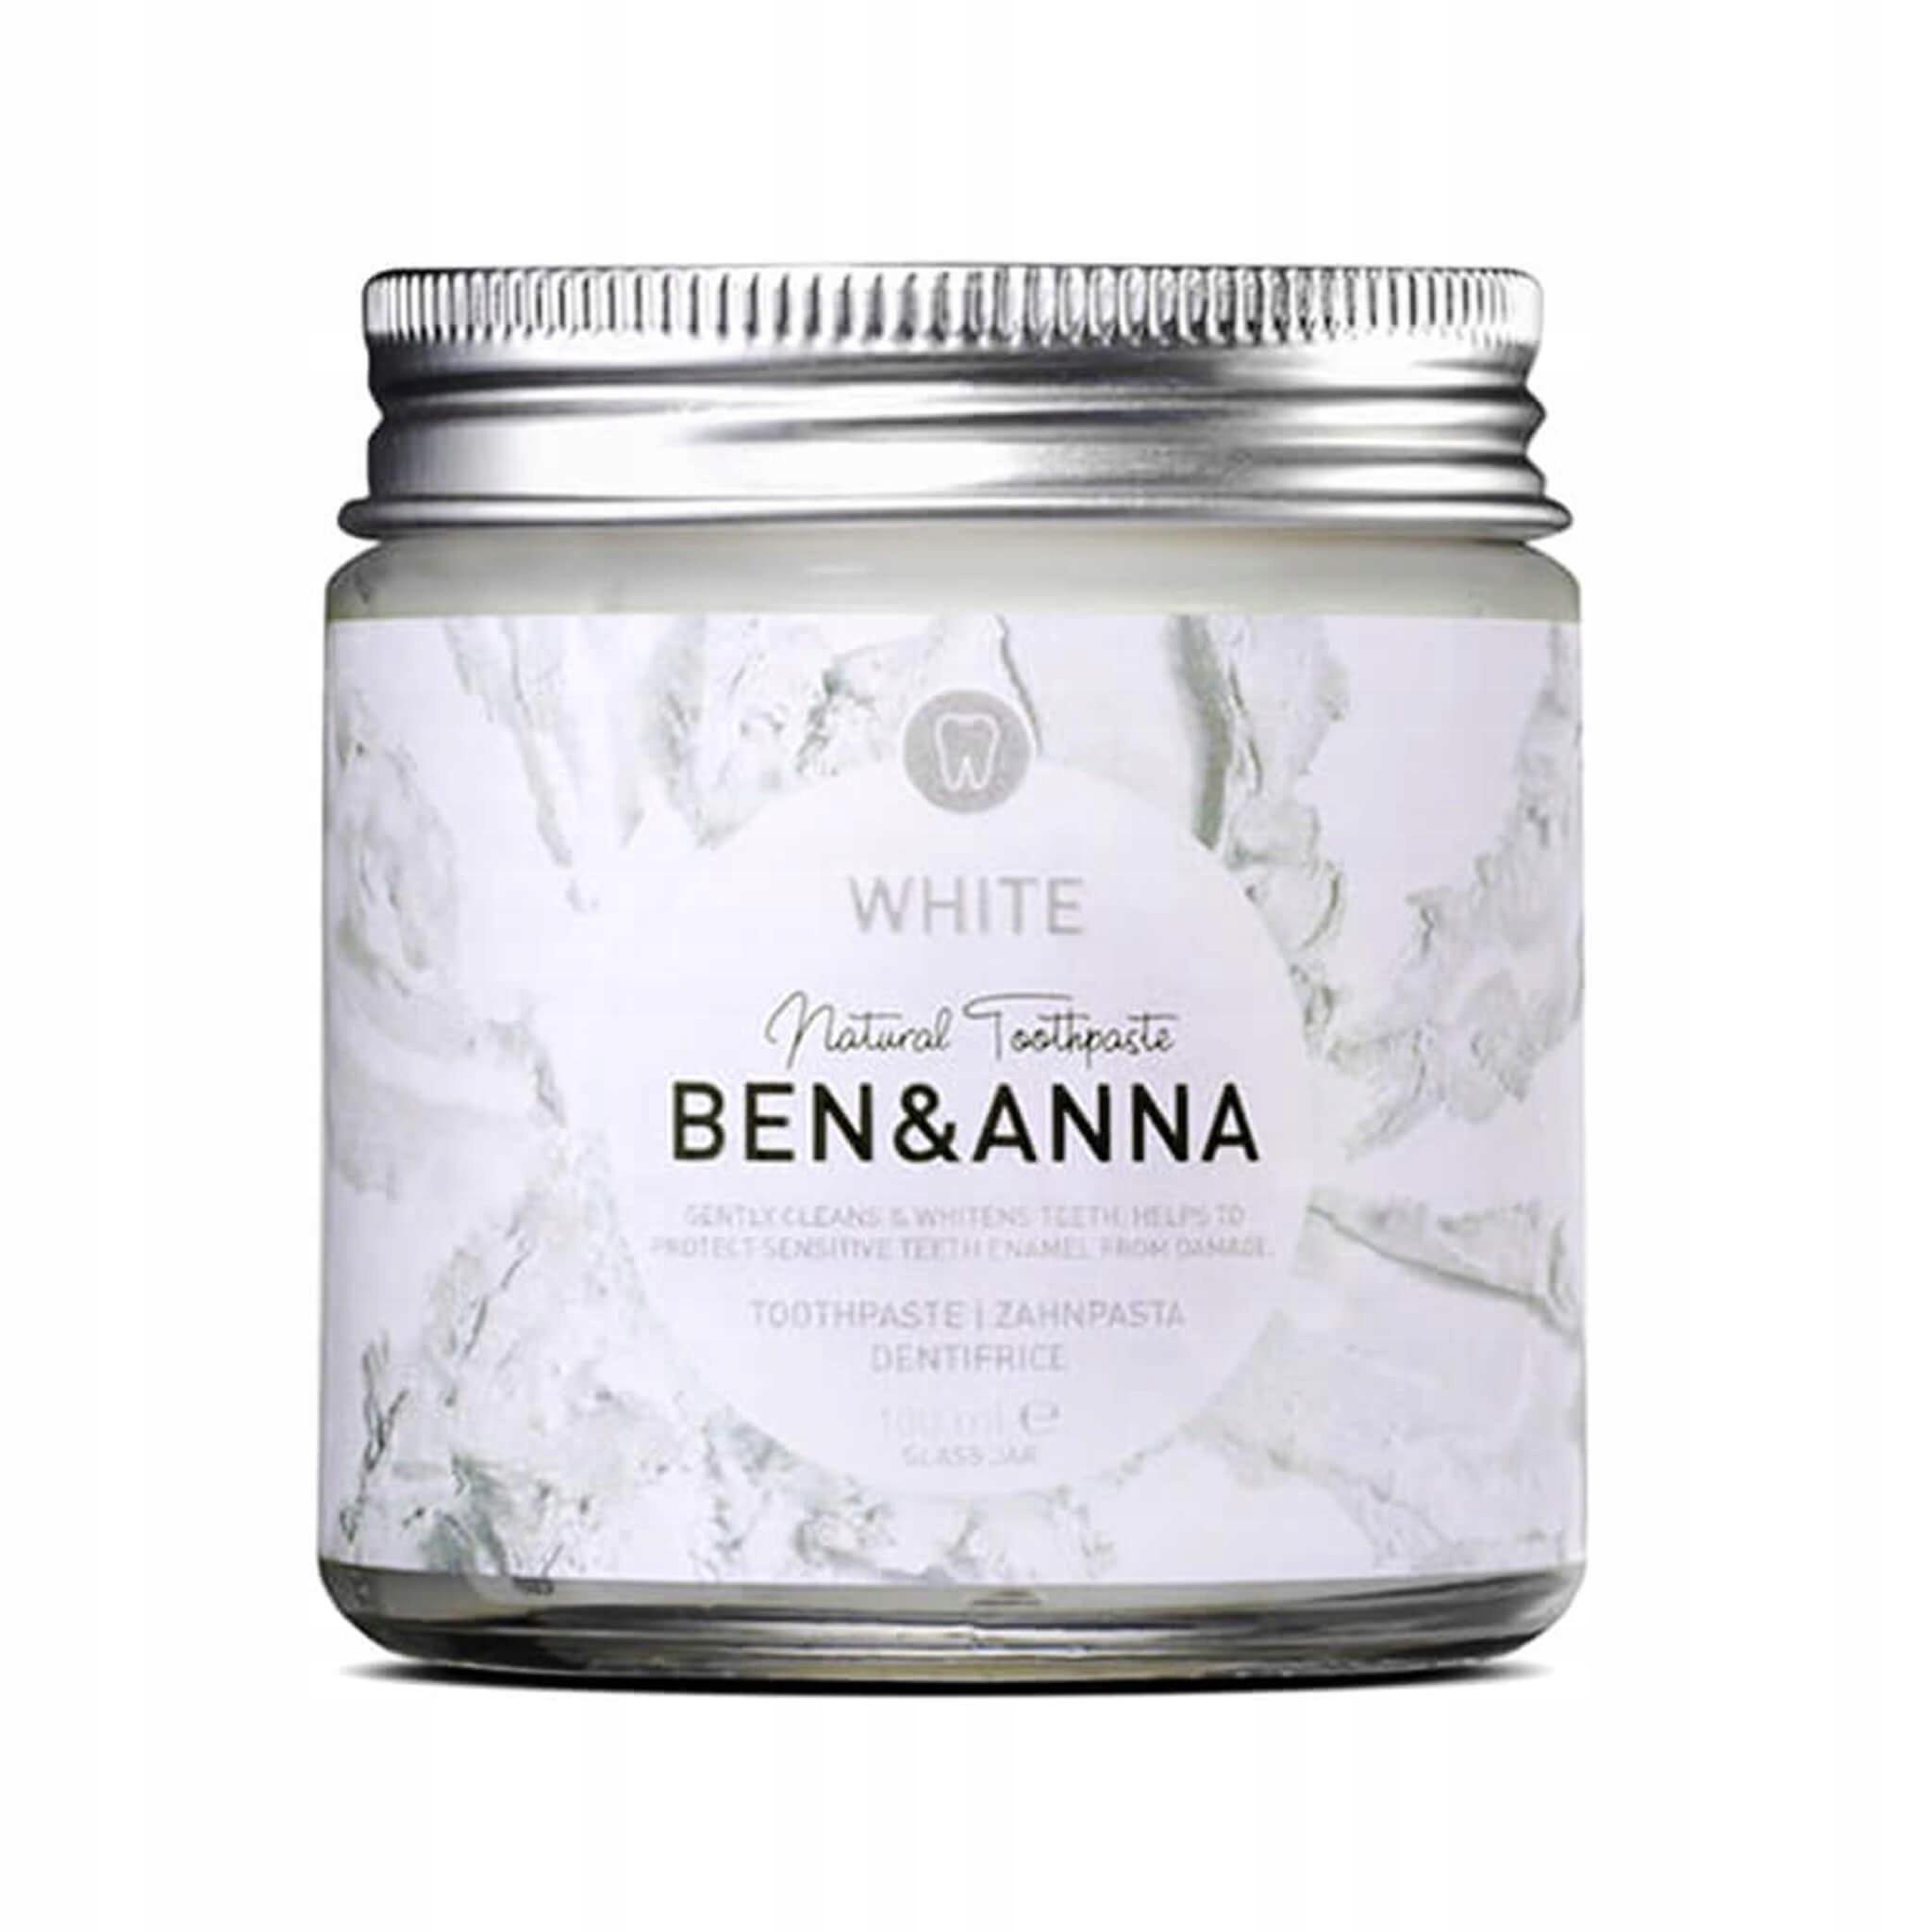 Бен и Анна Натуральная Отбеливающая зубная паста WHITE